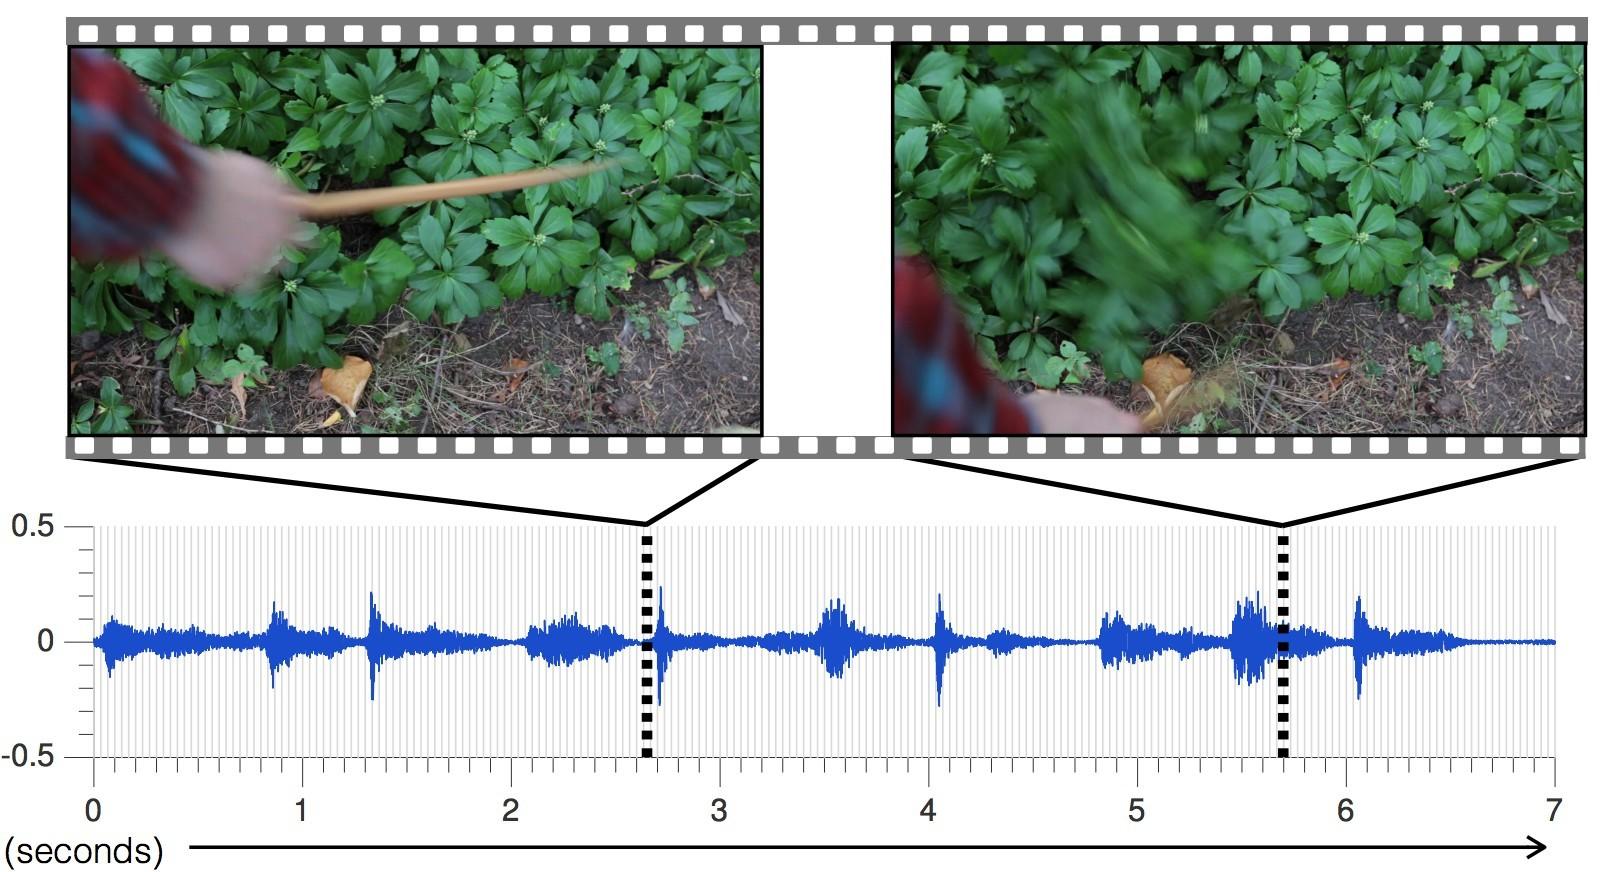 ИИ генерирует реалистичные звуки по видеоряду - 1